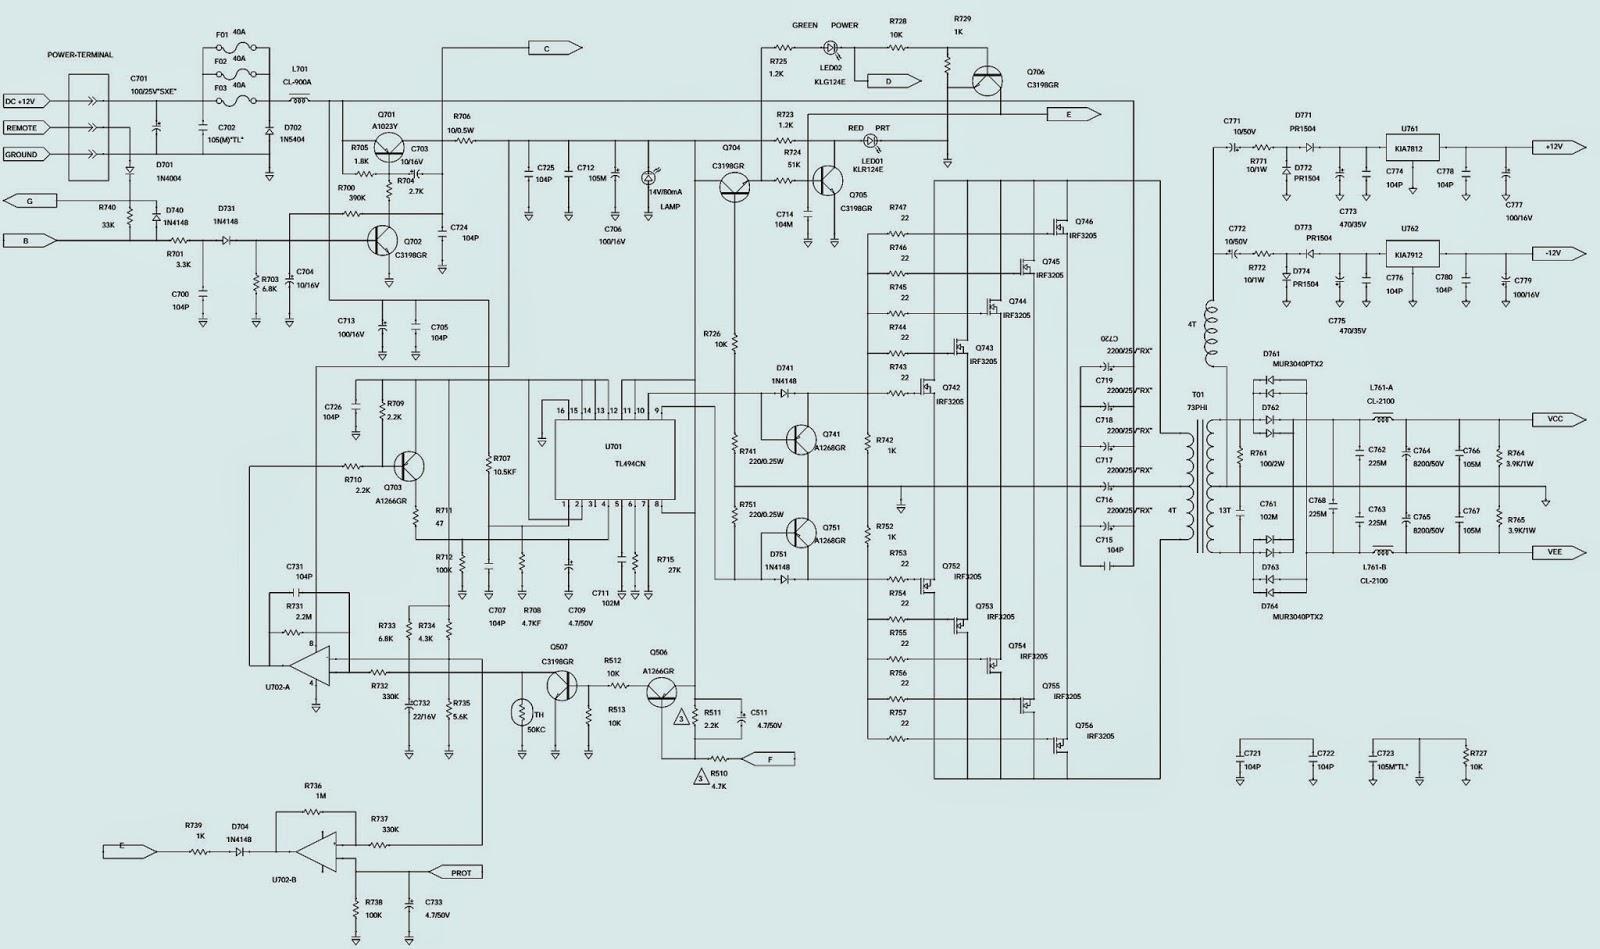 Fantastisch Sony Amp Schaltplan Fotos - Elektrische Schaltplan-Ideen ...